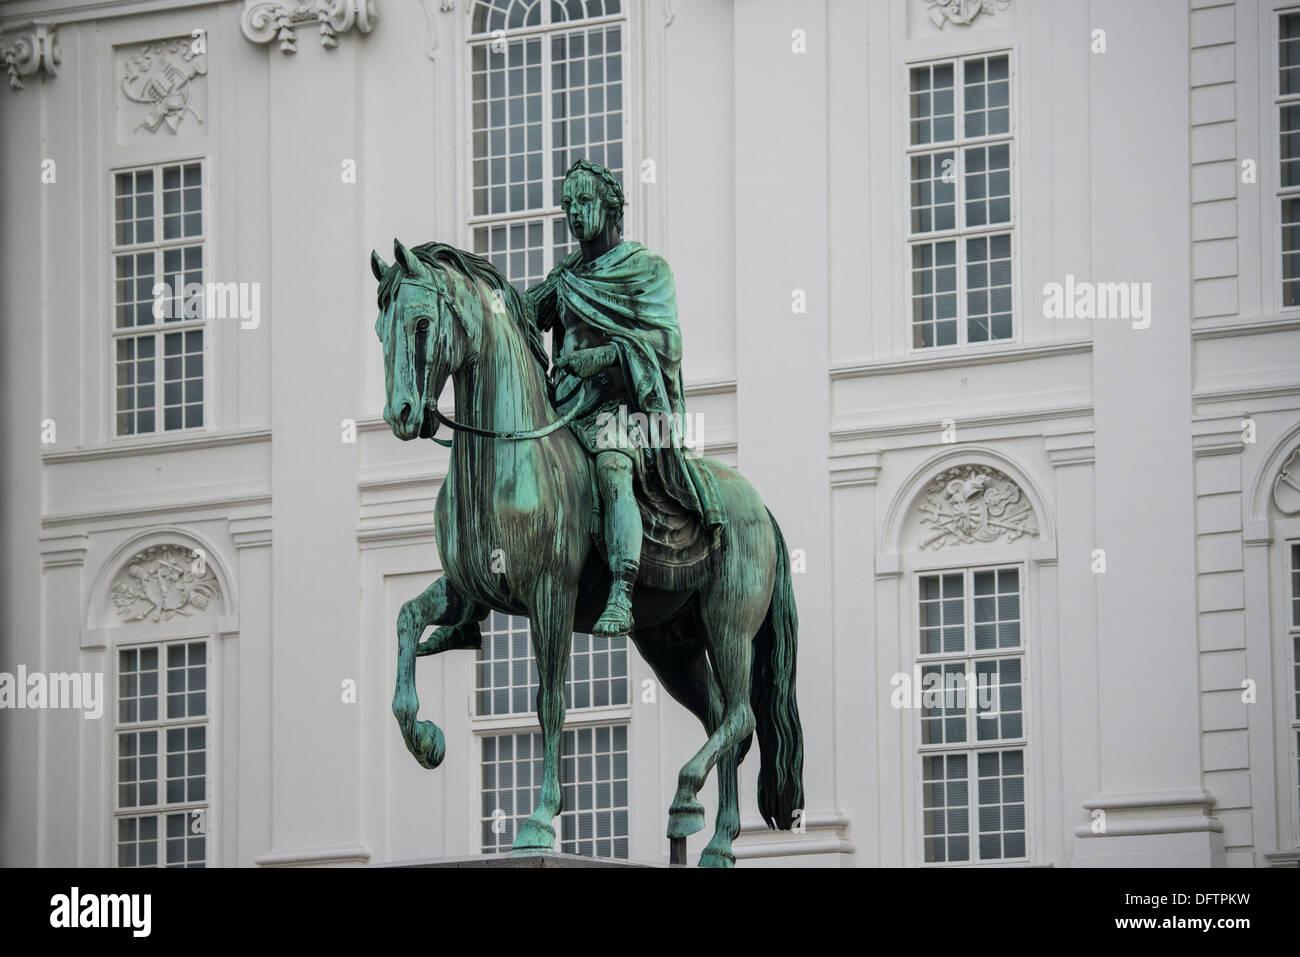 Statua equestre nel cortile della scuola di equitazione spagnola, Vienna, Vienna, Austria Immagini Stock